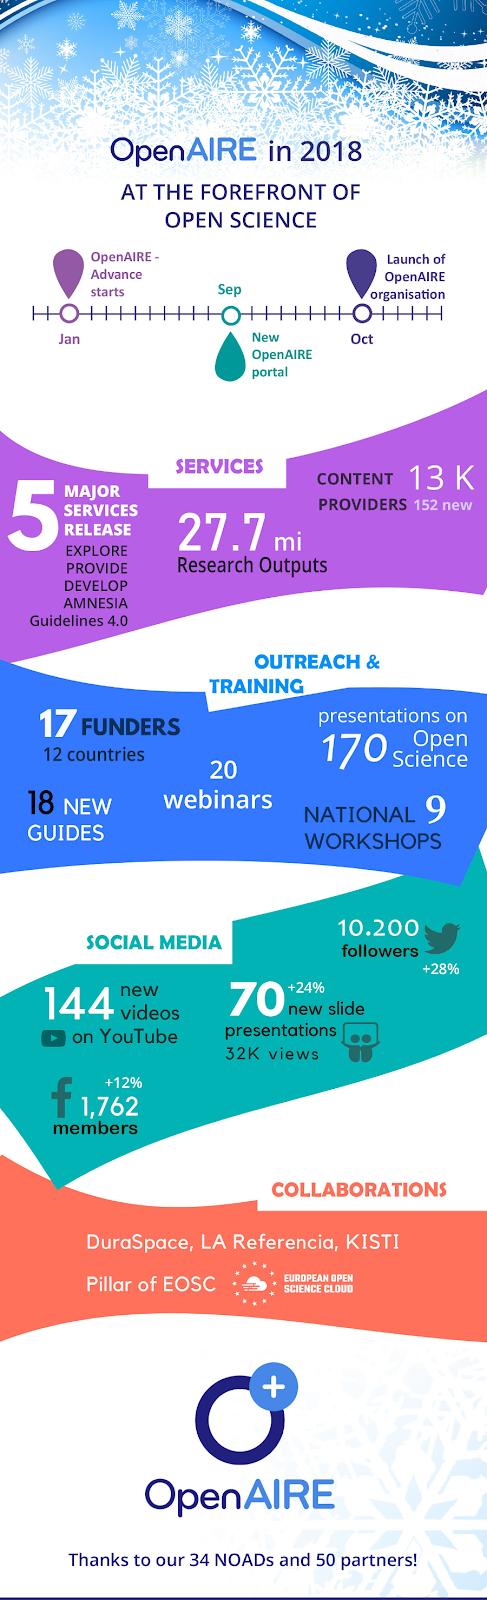 Giải trí cuối tuần - các con số thống kê của OpenAIRE về Khoa học Mở của châu Âu 2018